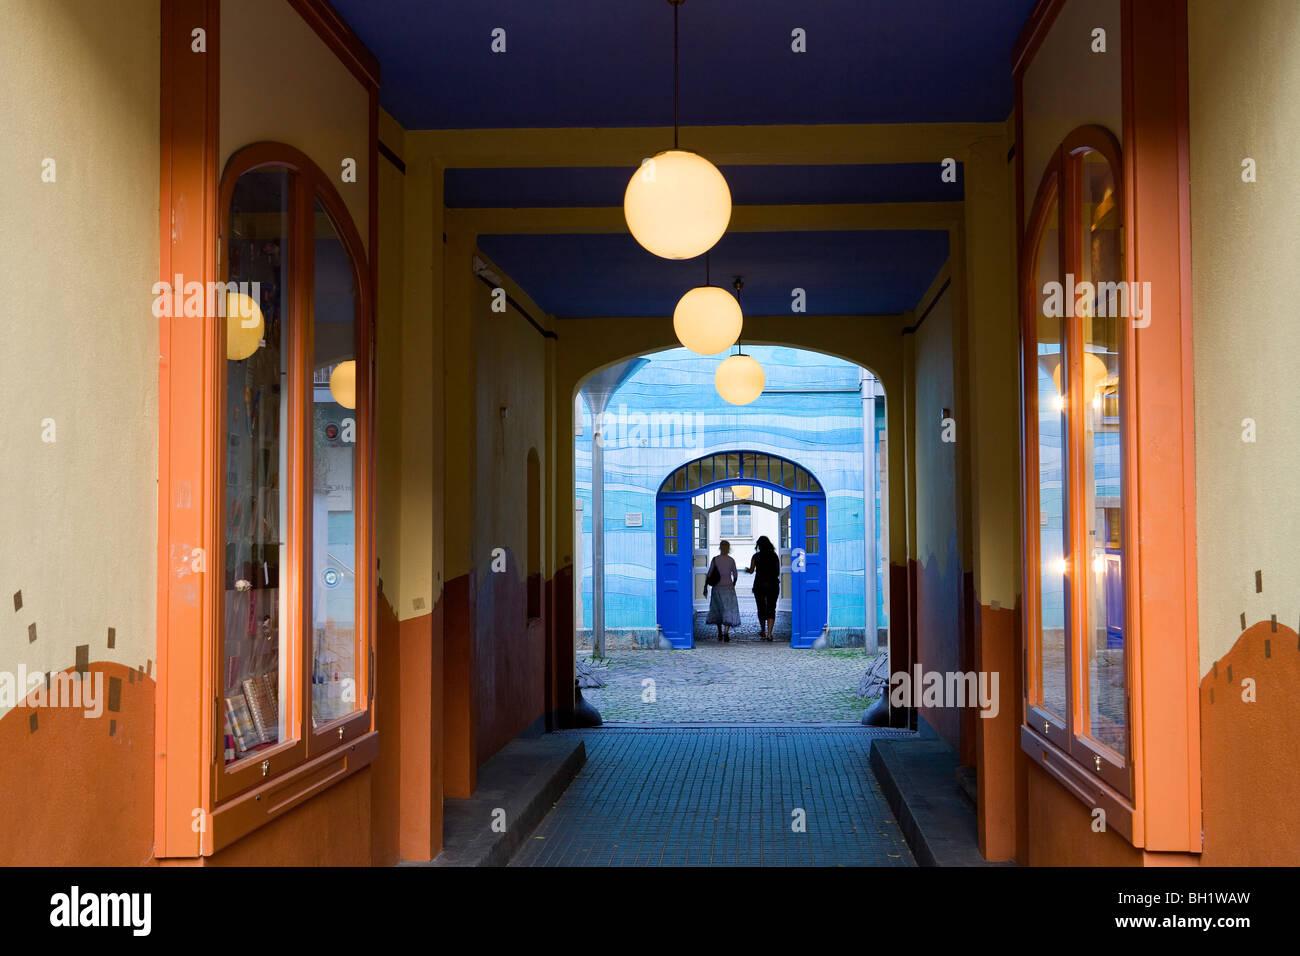 Hof der Elemente, Hof der Elemente in der Kunsthofpassage, Dresden, Sachsen, Deutschland, Europa Stockbild